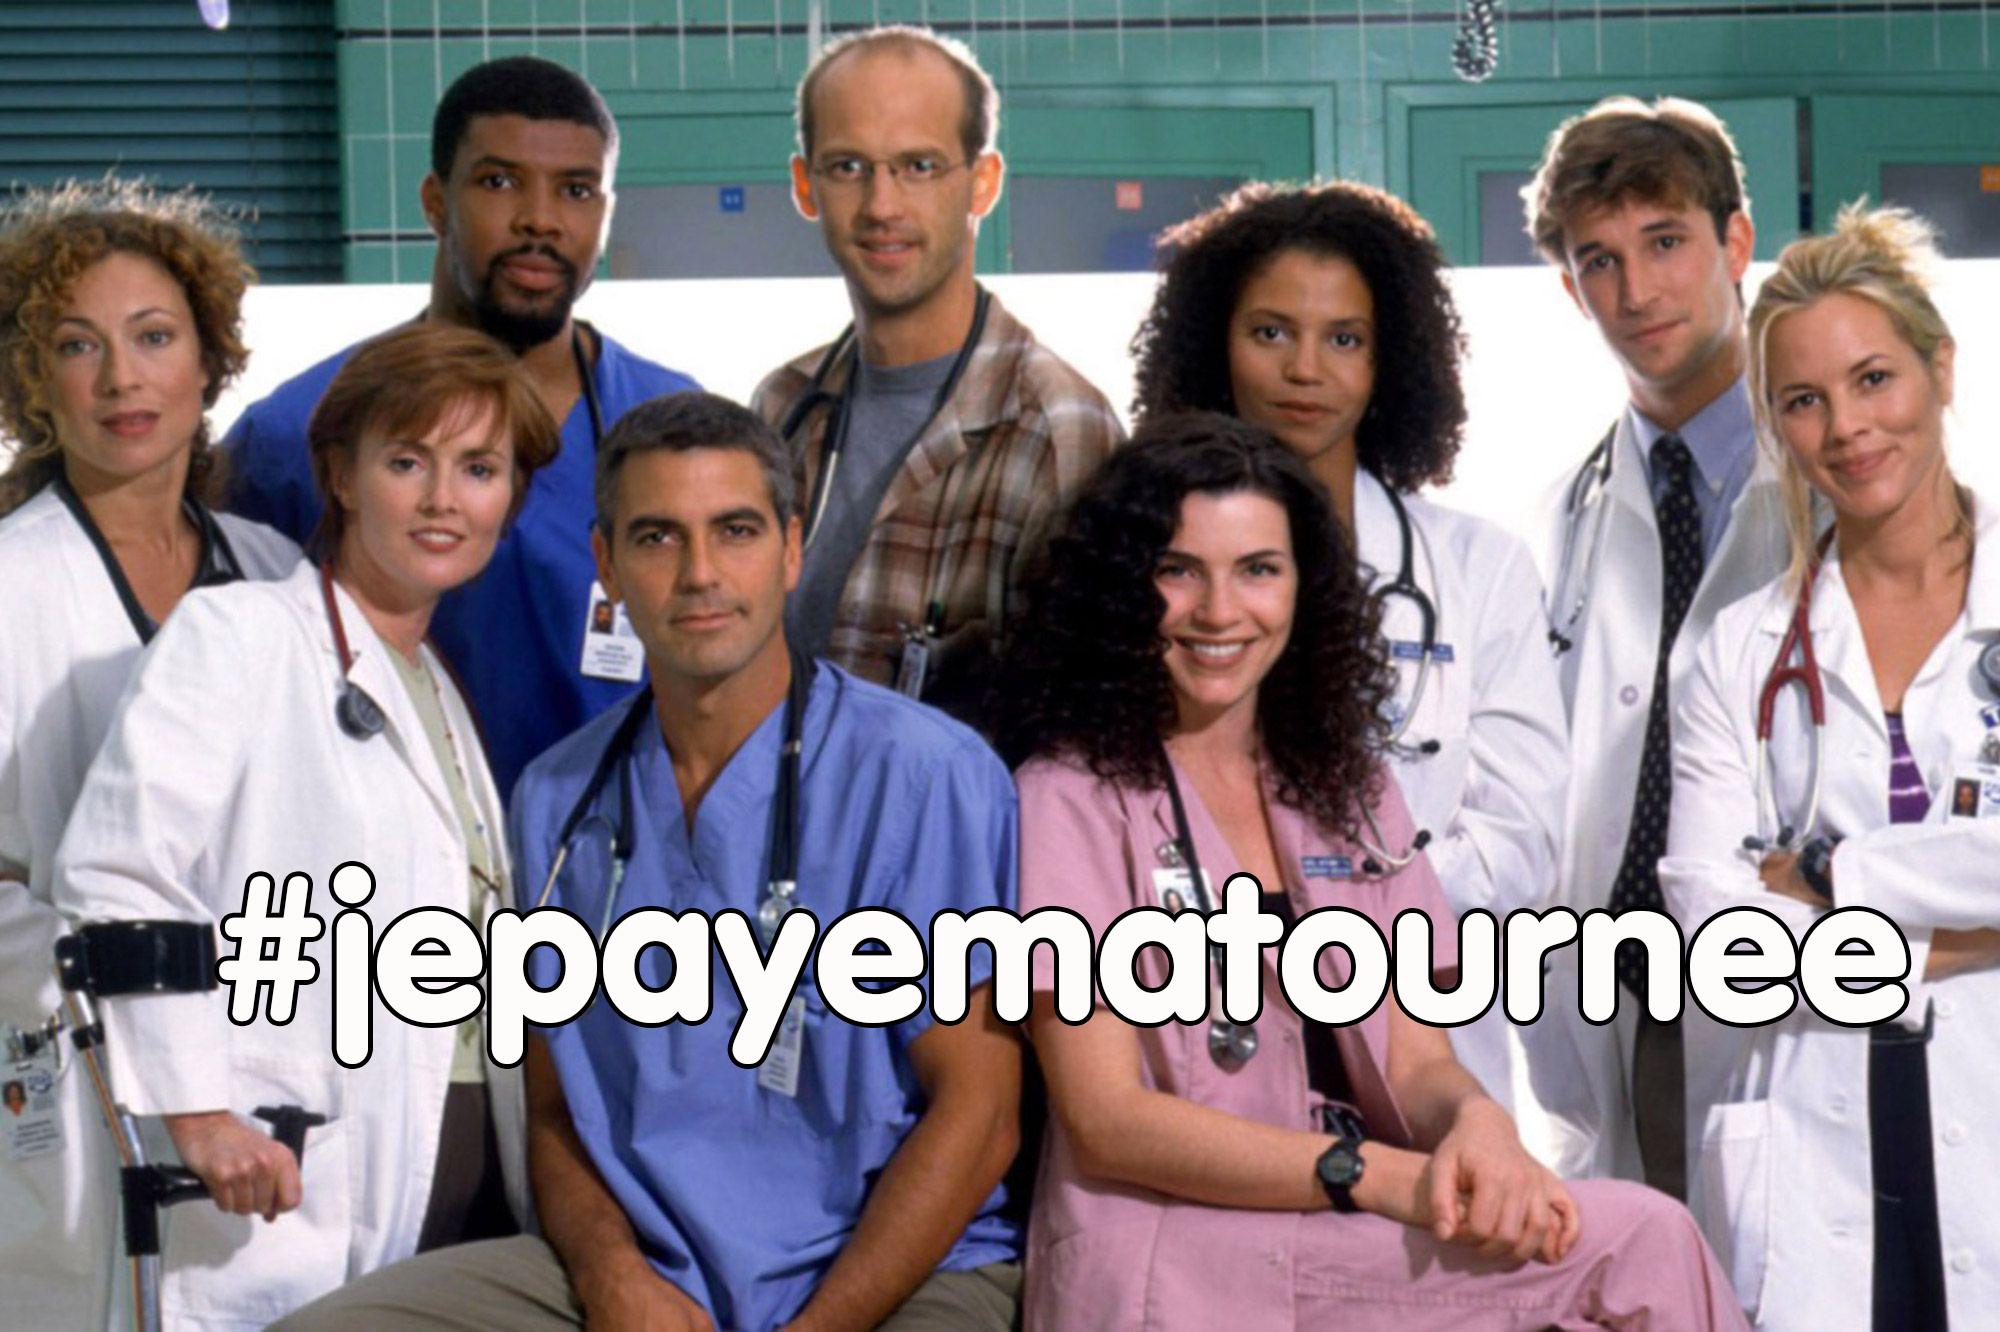 je paye ma tournée aux soignants